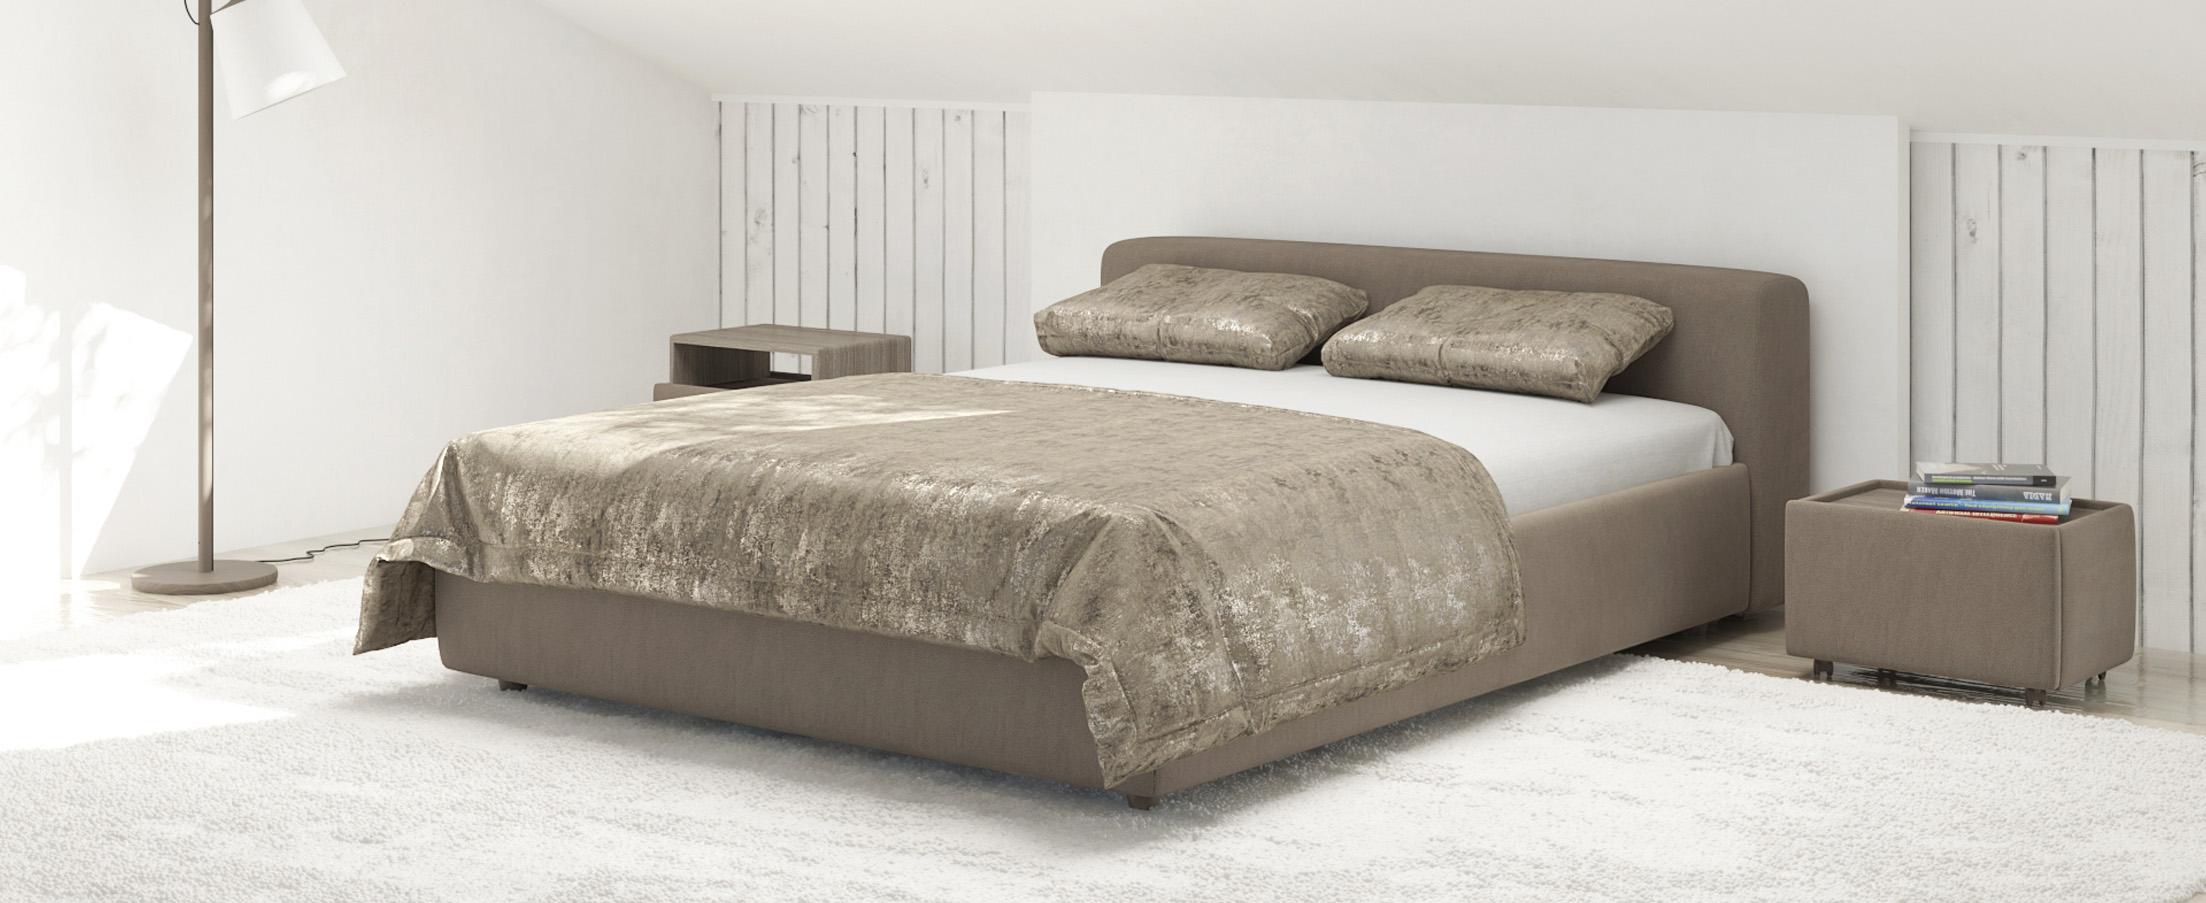 Кровать двуспальная MOON 1007a фото